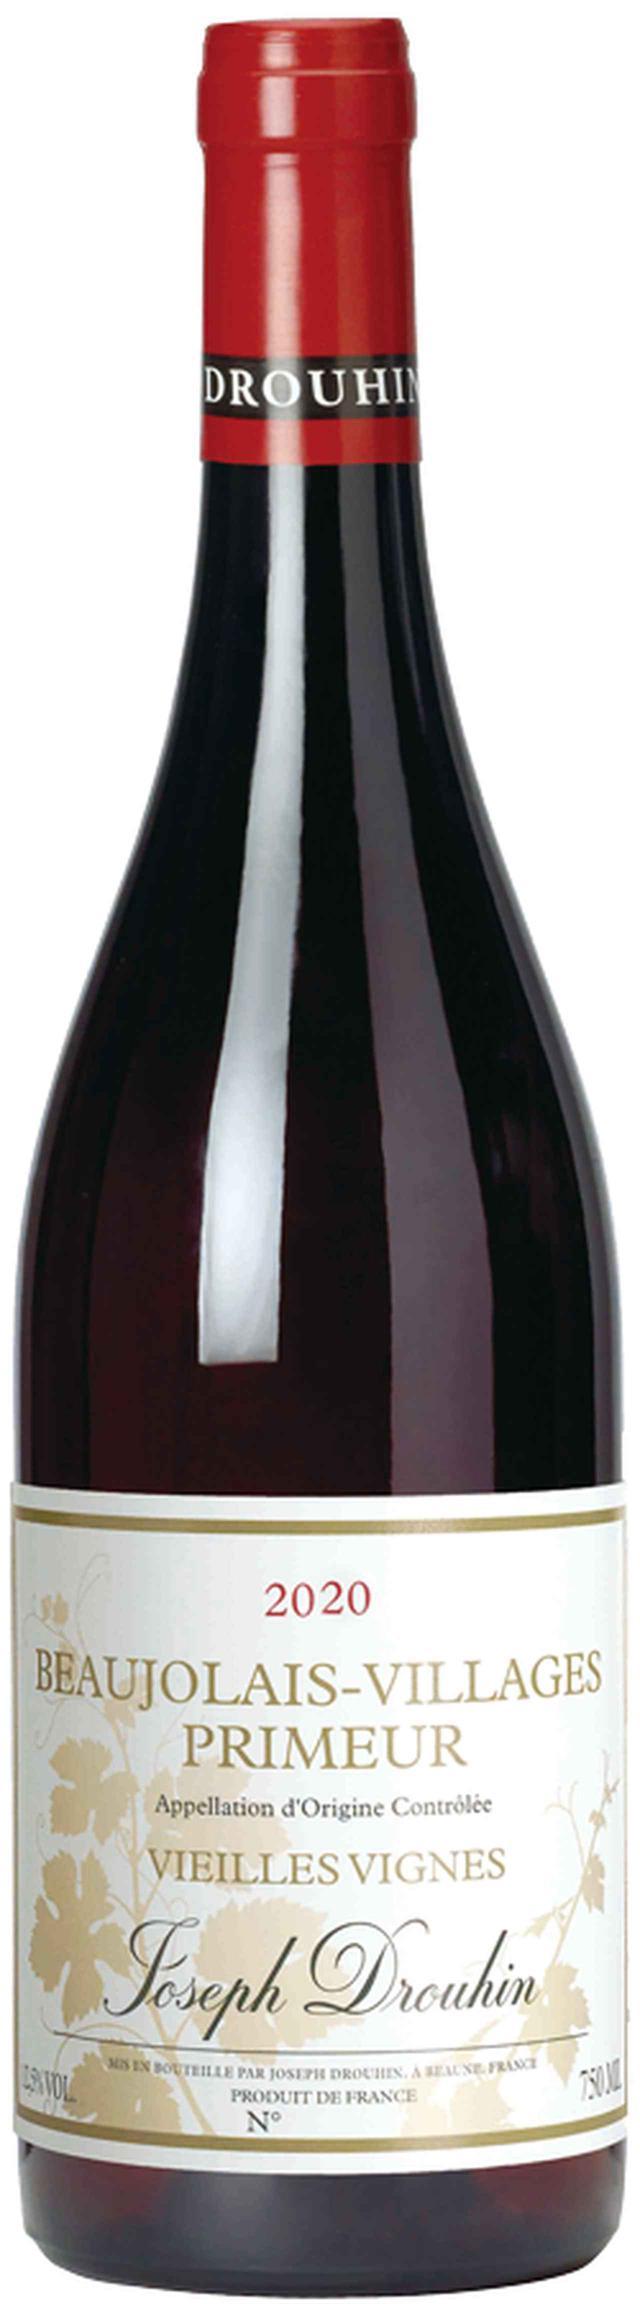 画像: 『ボジョレ・ヴィラージュ・ヌーヴォー ヴィエイユ・ヴィーニュ 2020年』 希望小売価格:4000円(税別) 輸入元:三国ワイン